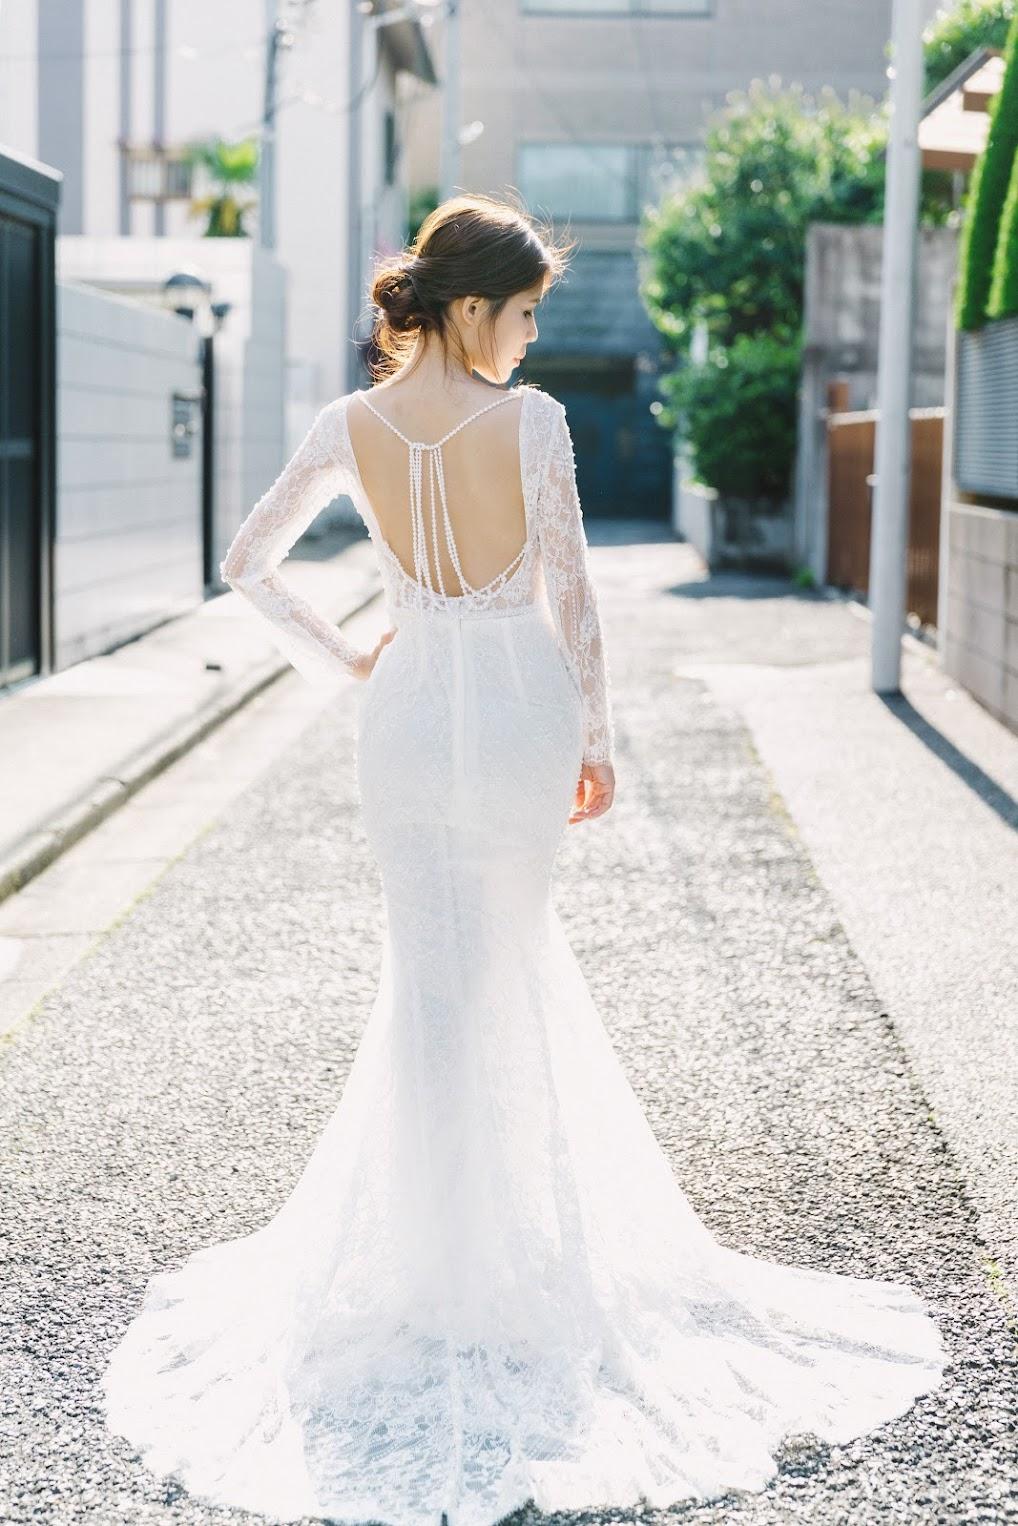 uAG婚紗,海外婚紗,日本東京婚紗,自助婚紗,生活感婚紗,AG攝影美學